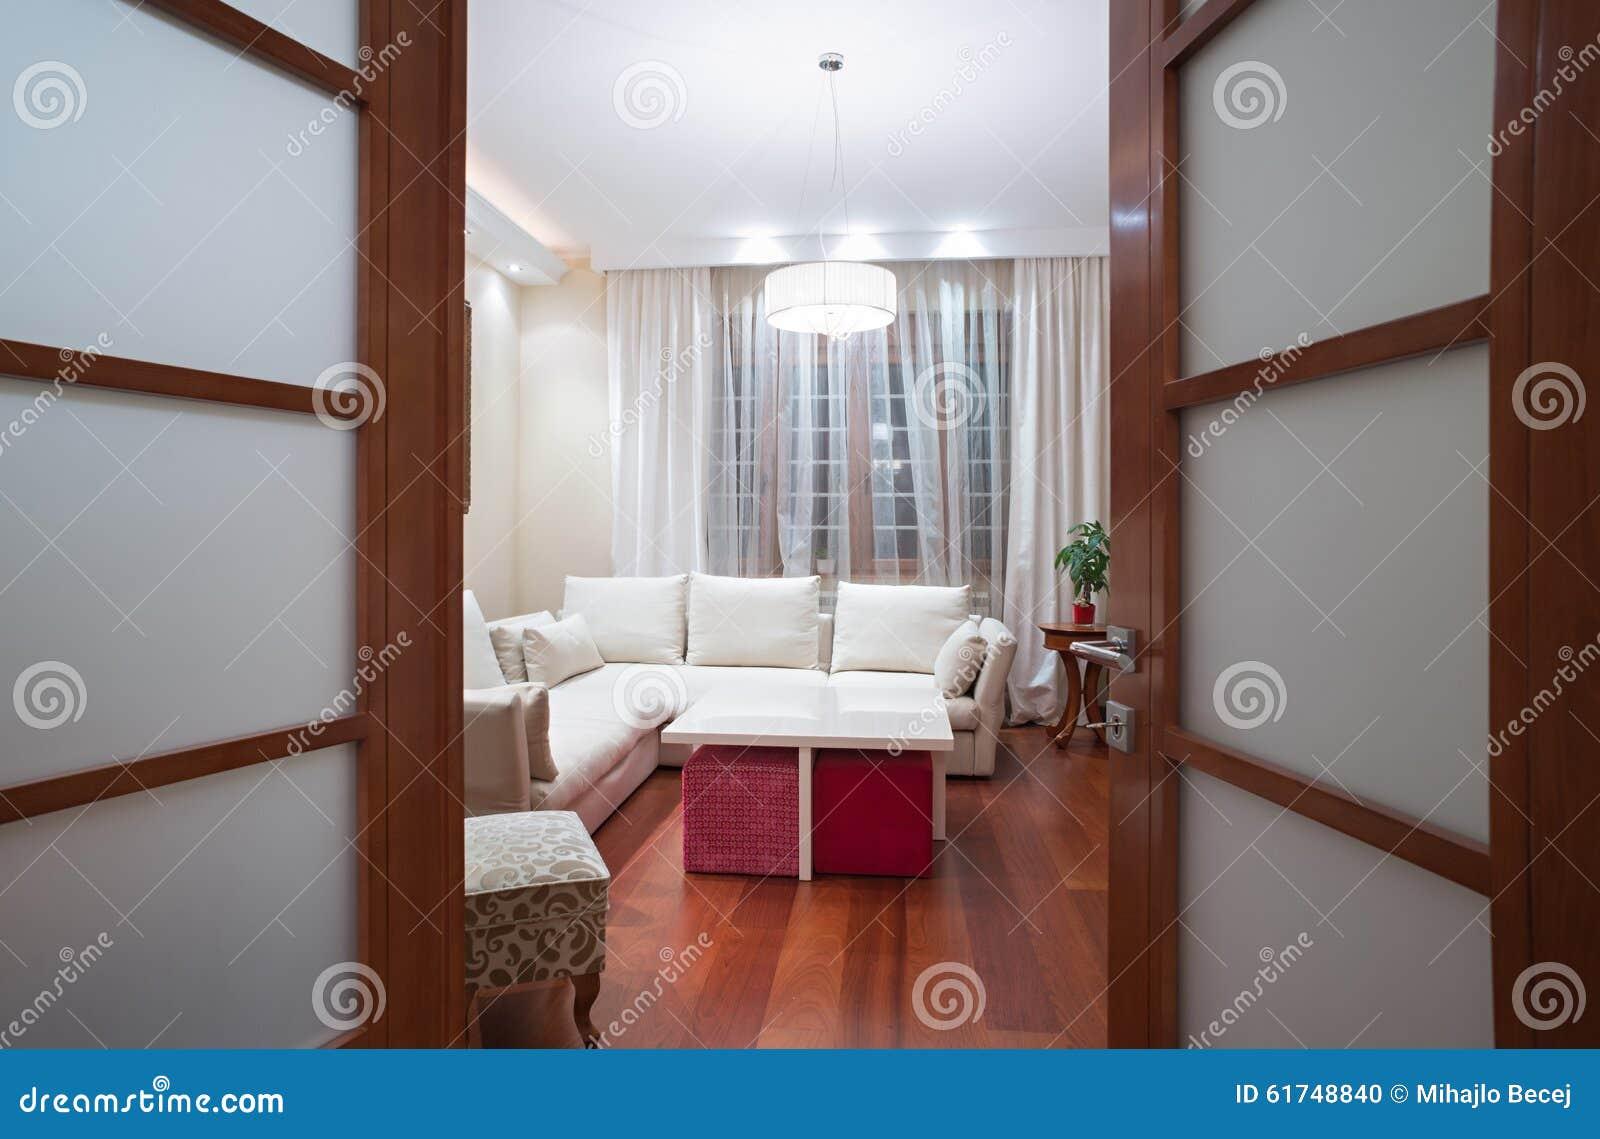 Wohnzimmer Tür, ansicht zu einem wohnzimmer durch offene tür stockfoto - bild von, Design ideen